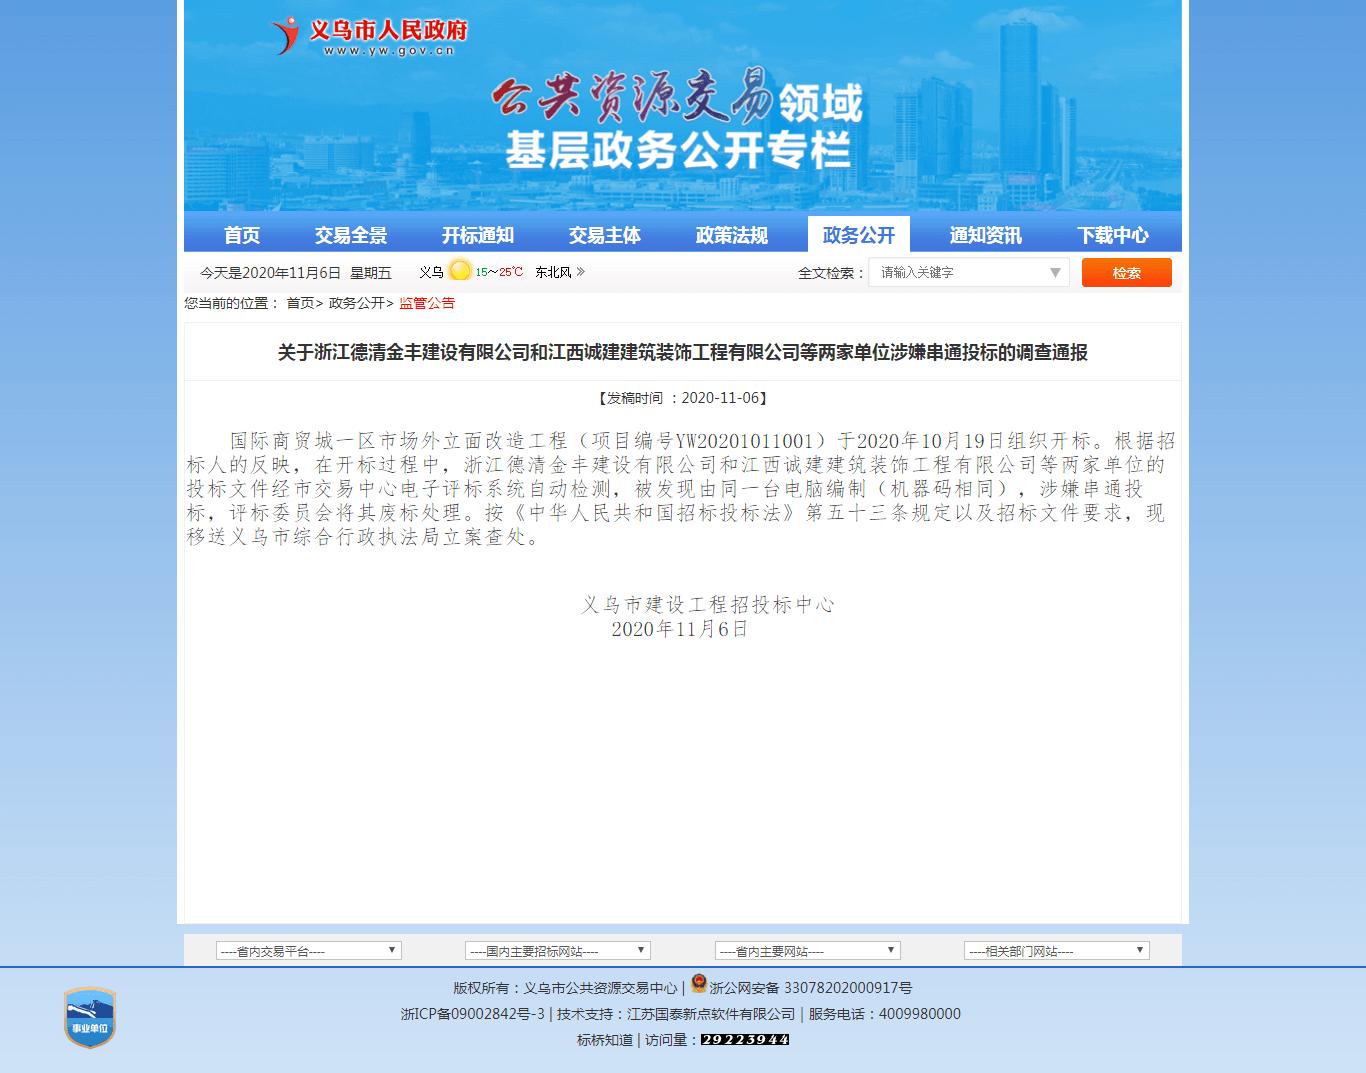 义乌一工程两公司投标文件被查出由同一台电脑编制,涉嫌串通投标